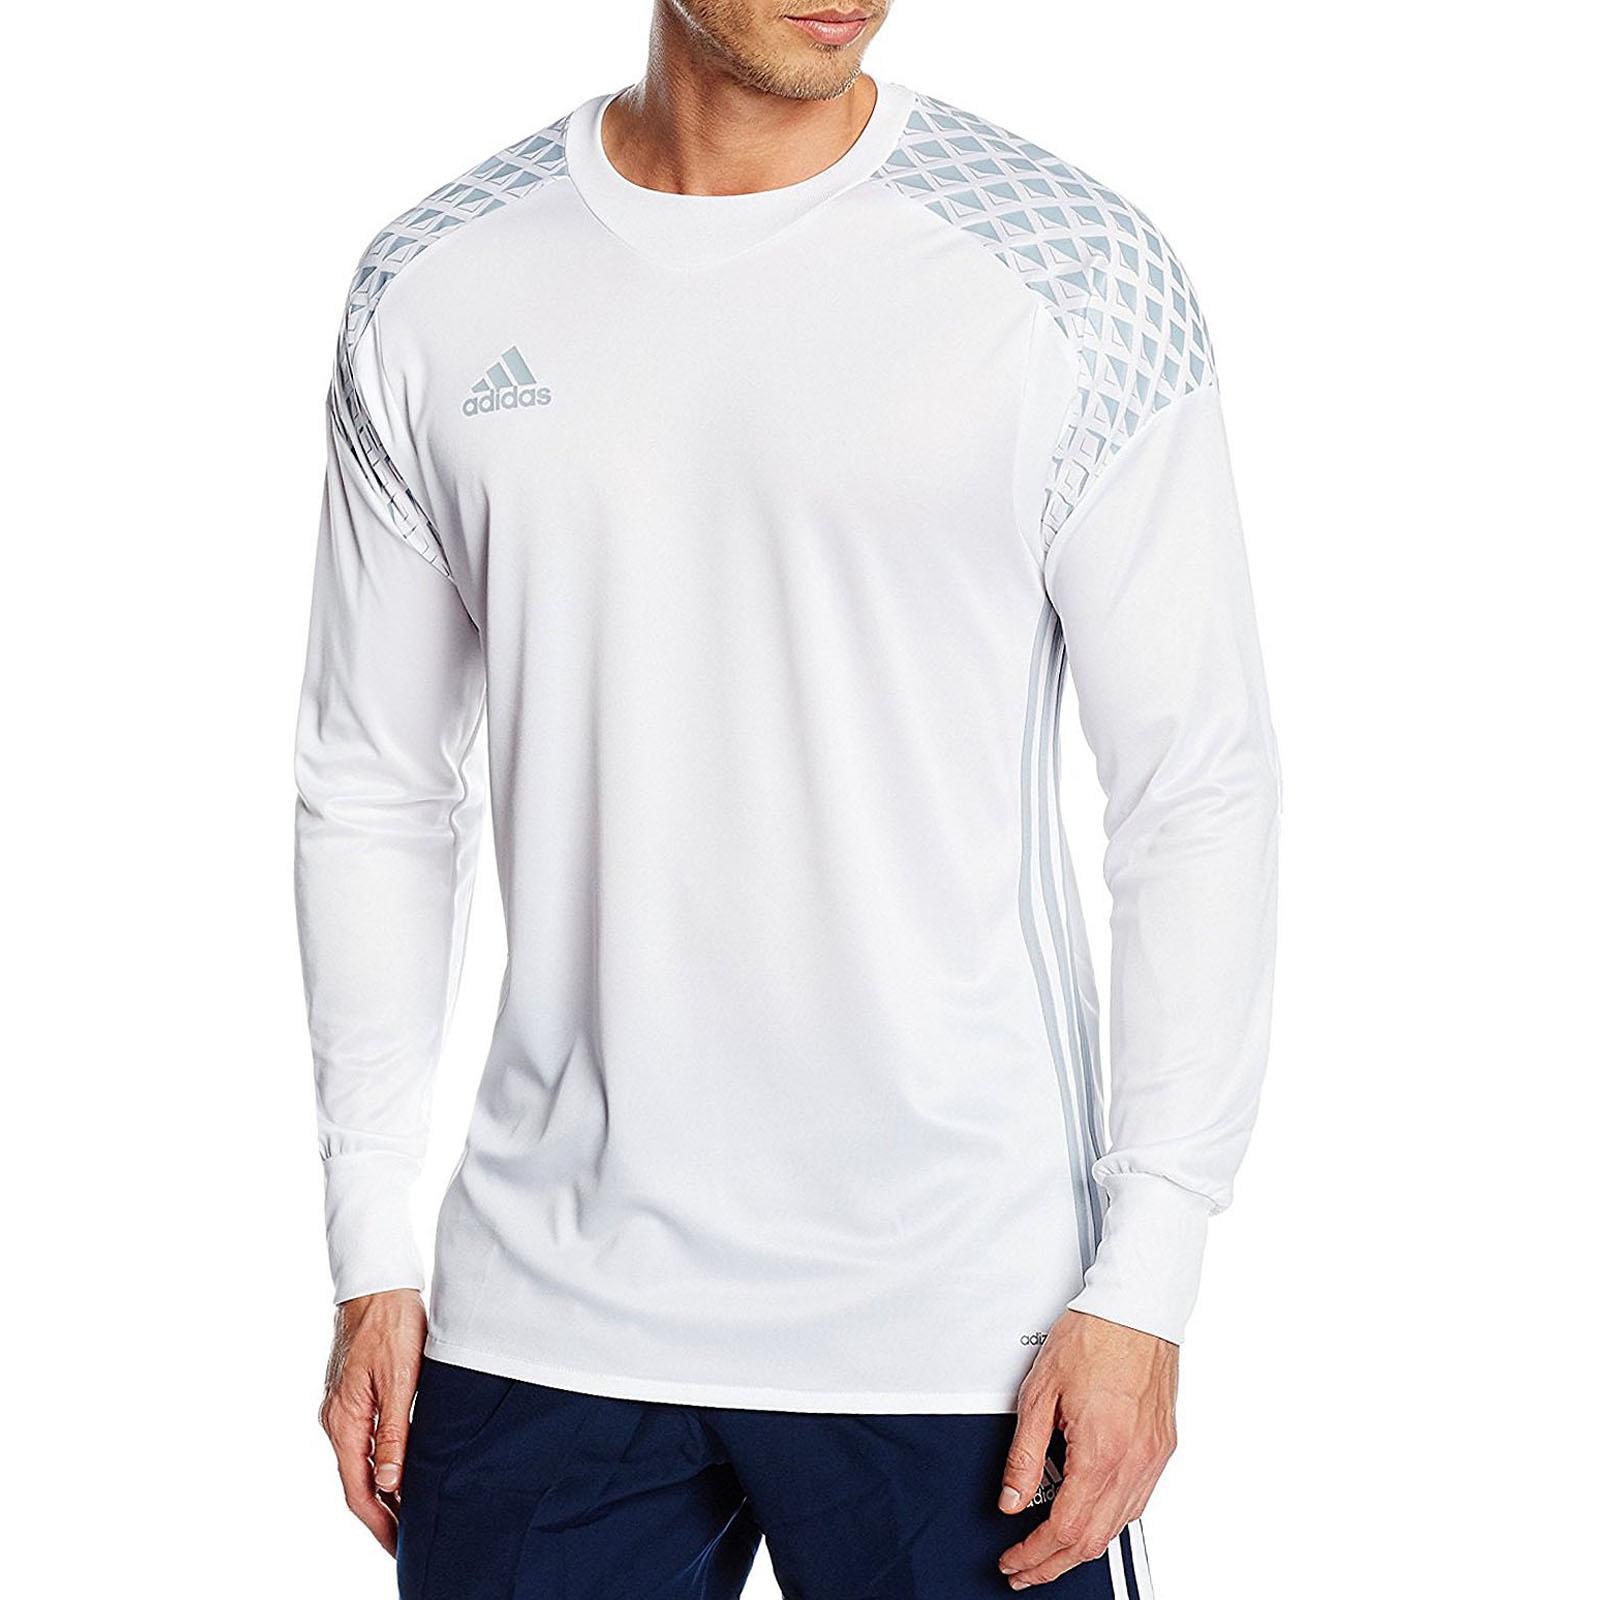 adidas-Onore-Mens-Long-Sleeve-Football-Soccer-Goalkeeper-Goalie-GK-Jersey-Shirt